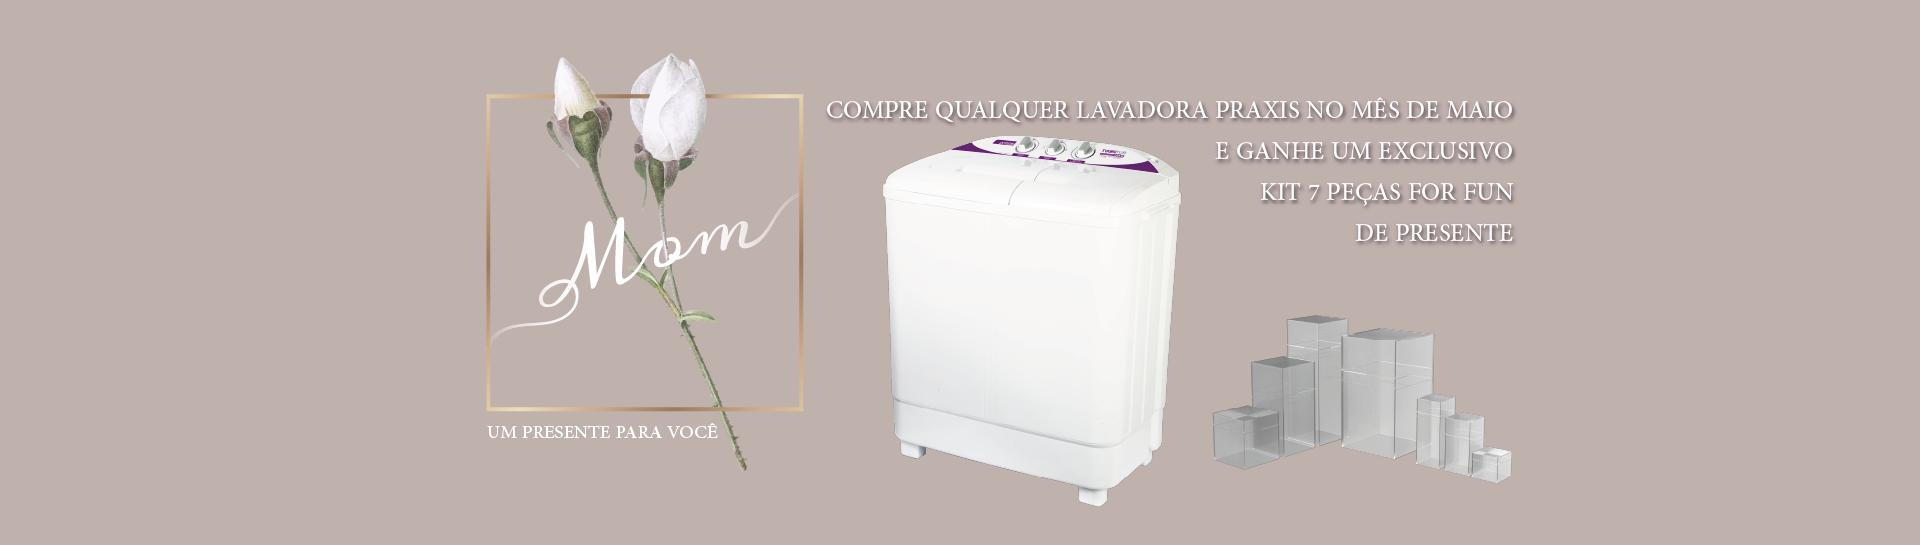 mês das mães praxis, compre uma máquina de lavar e ganhe um kit 7 peças forfun